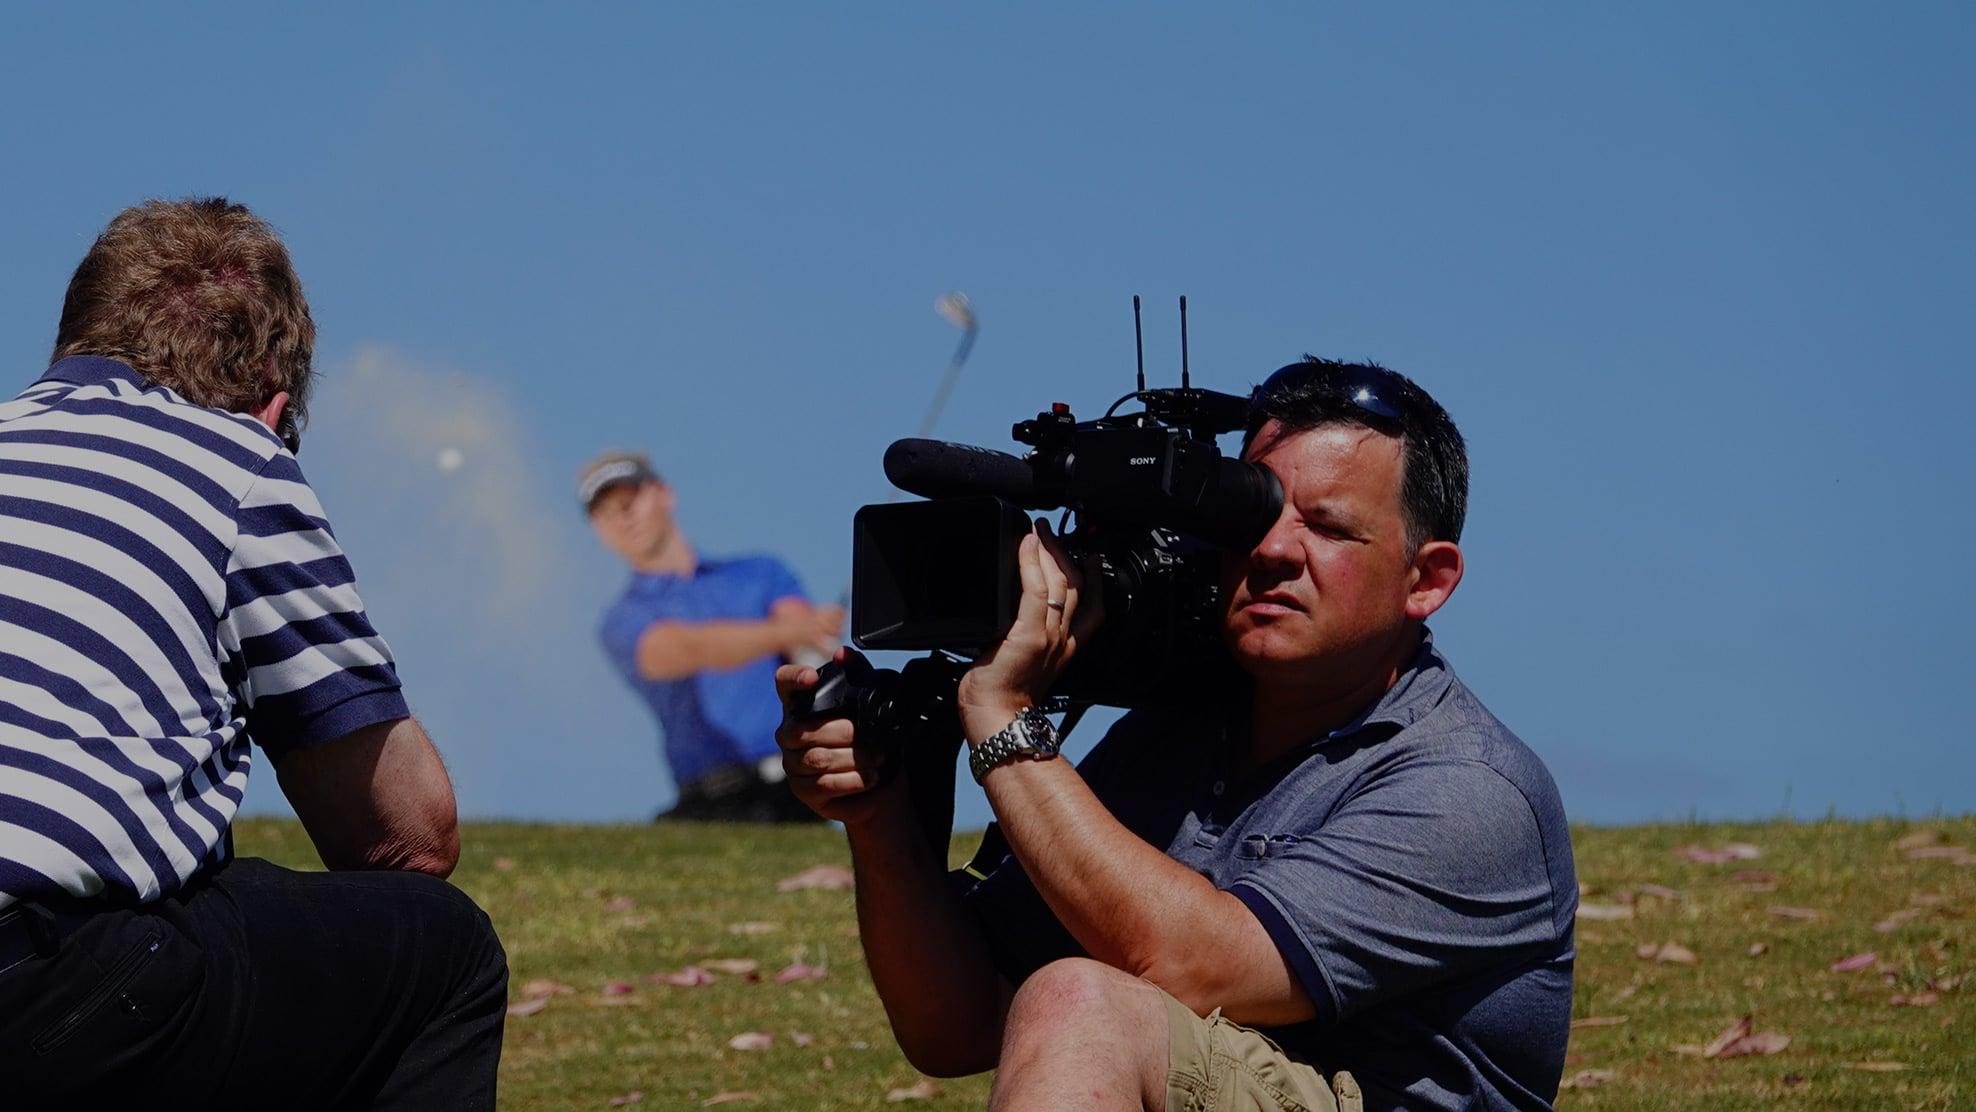 Mark behind the camera